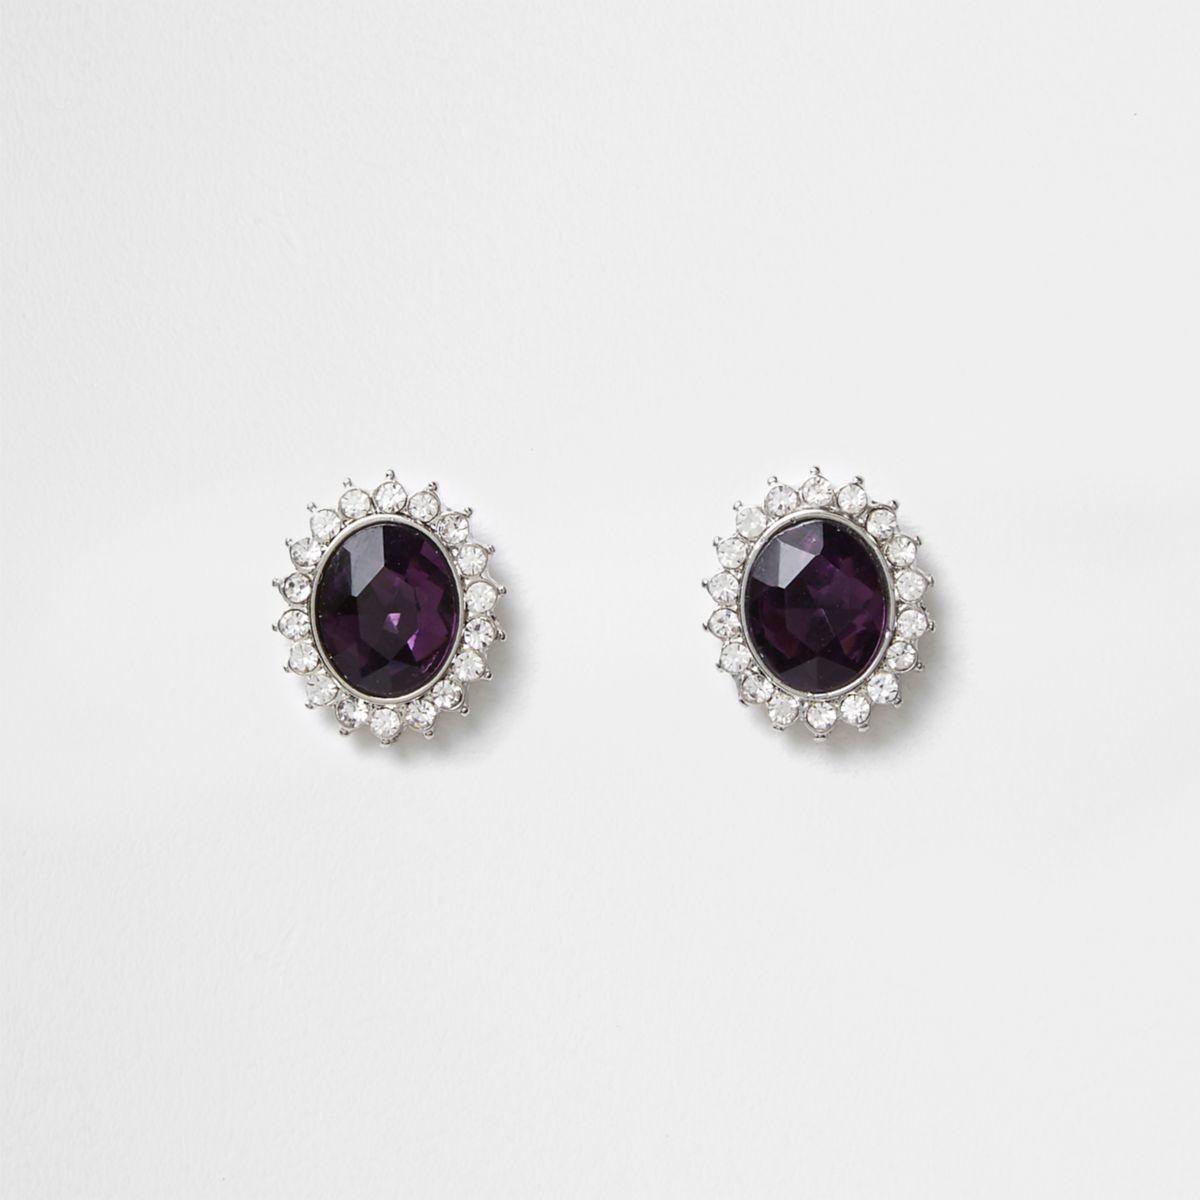 Silver tone amethyst jewel stud earrings